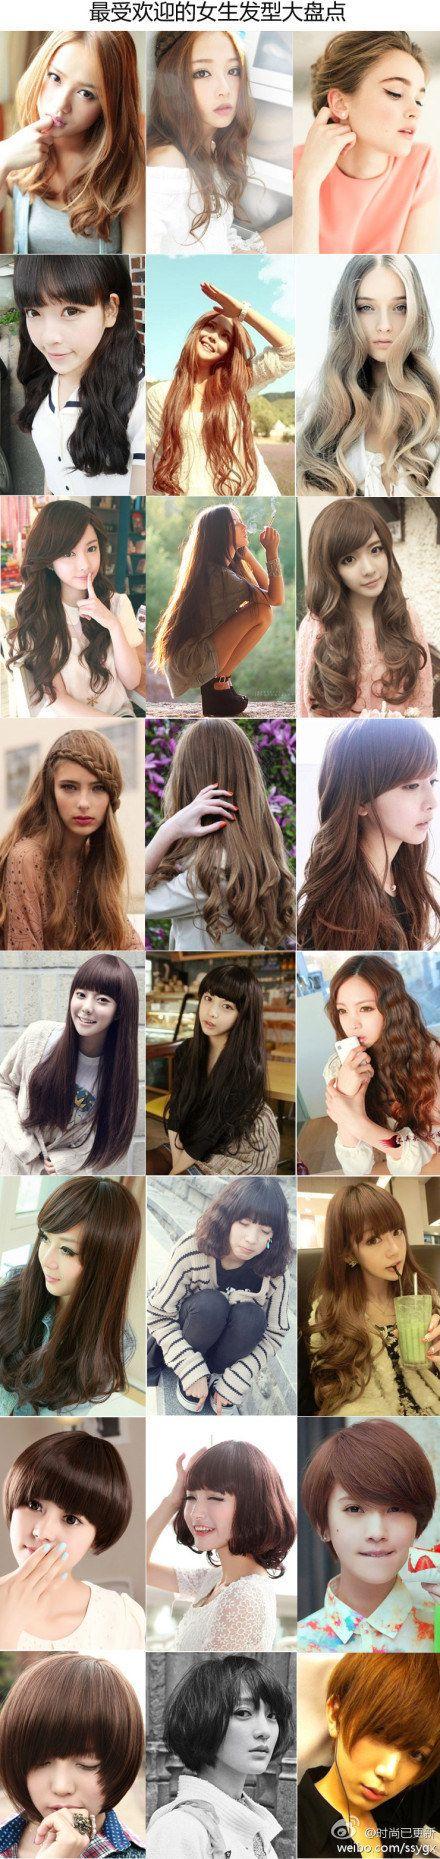 Asian Hair styles